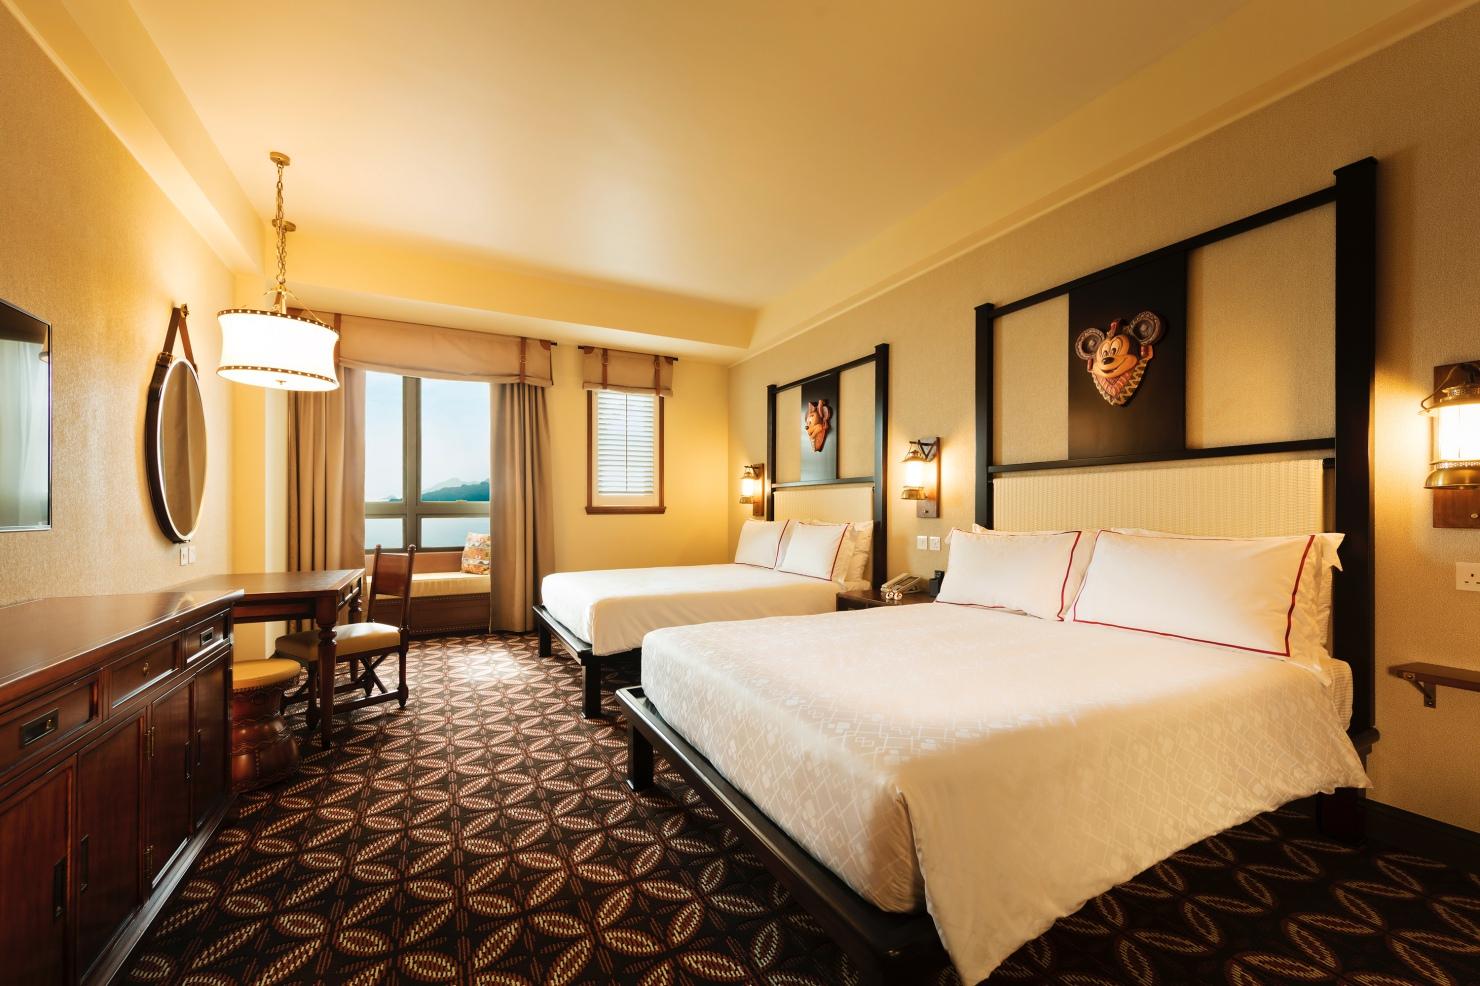 Room with Bay window sea view_IMG_2878_1.jpg